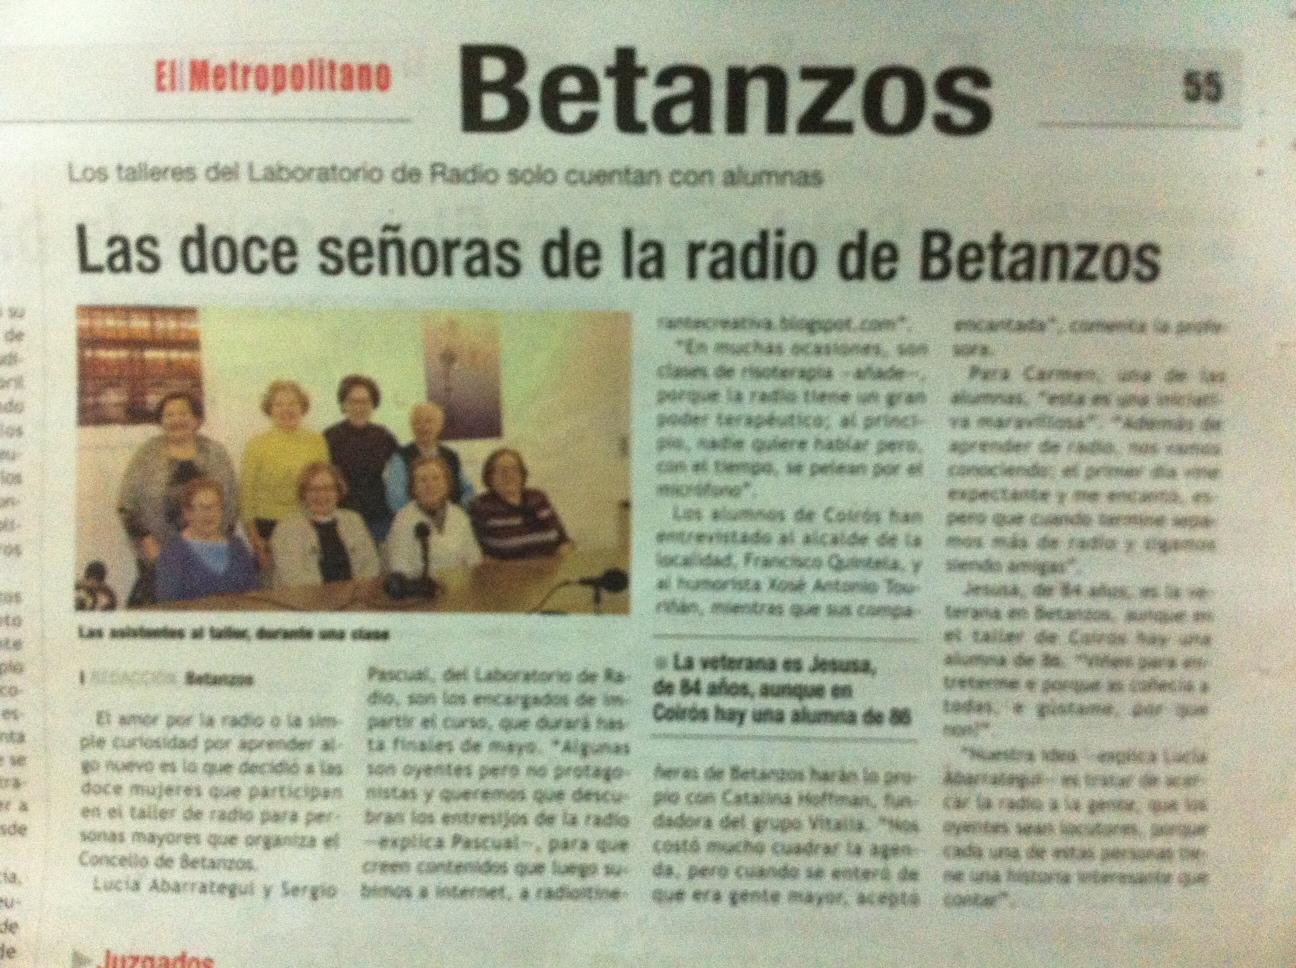 Taller de Radio en Betanzos